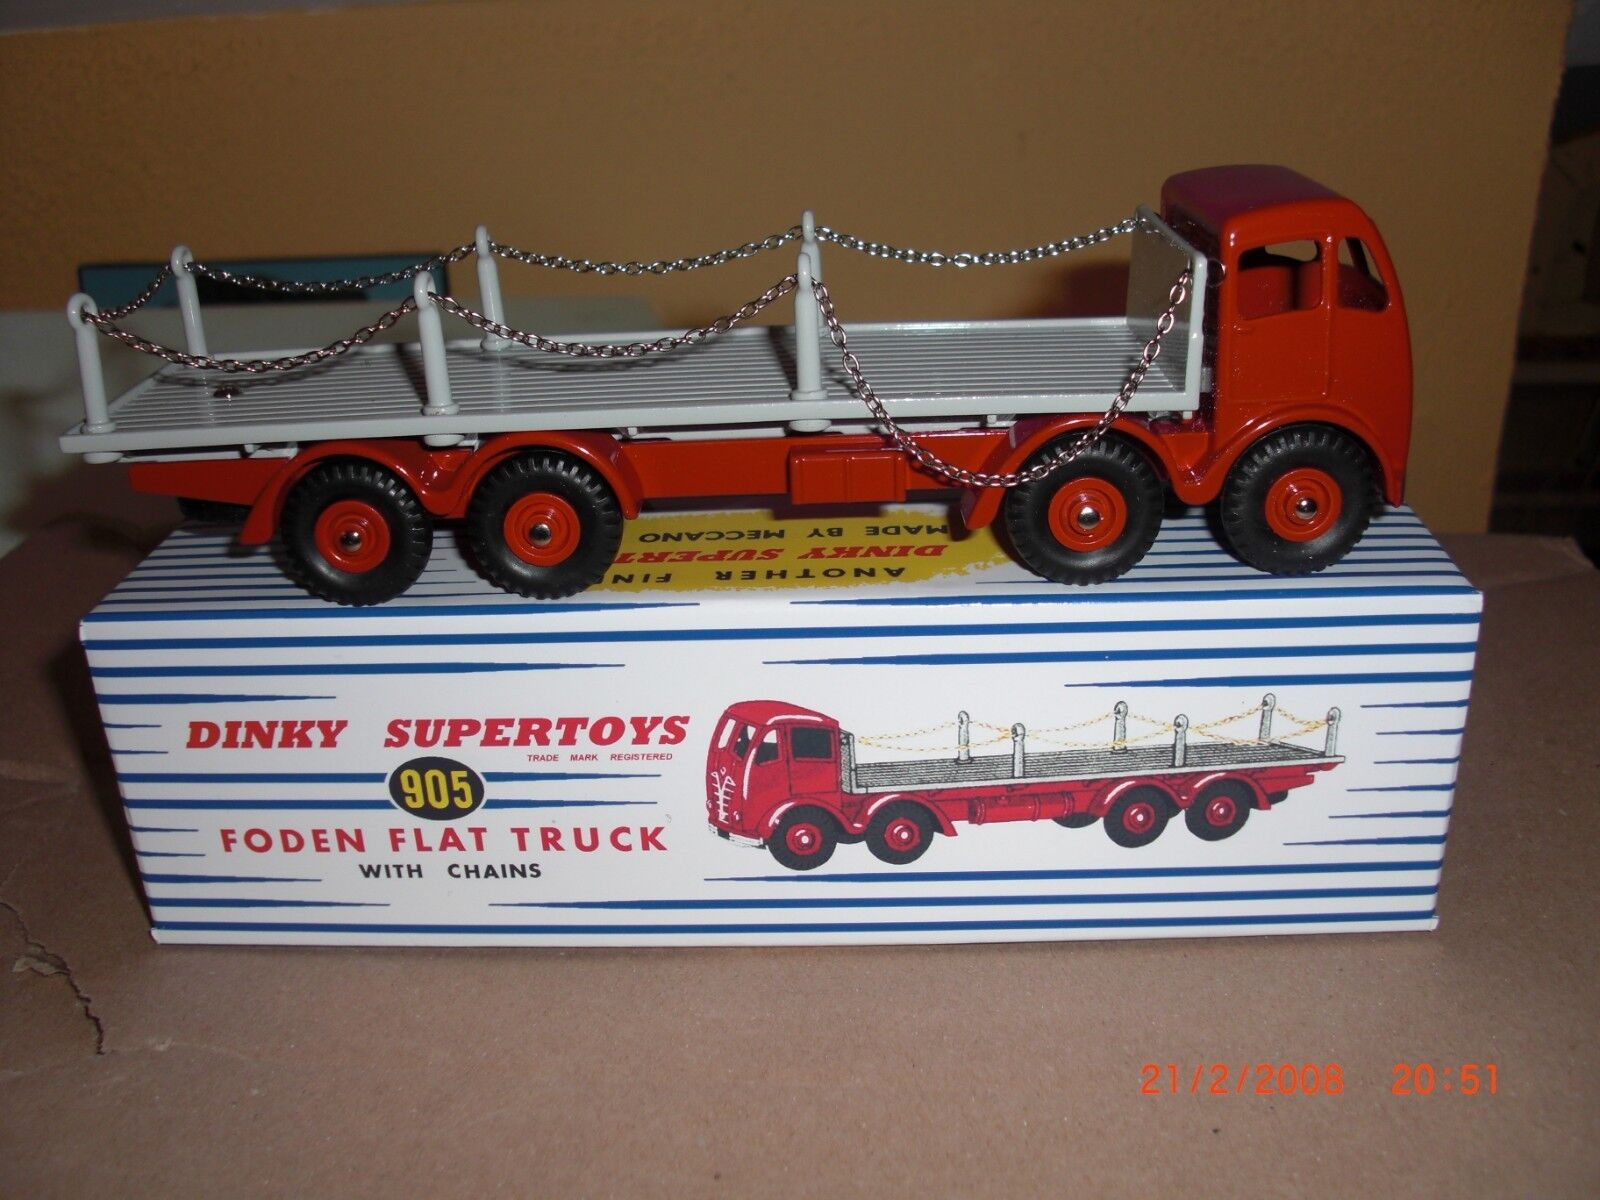 DINKY SUPERTOYS SUPERTOYS SUPERTOYS Atlas 905 FODEN Plateau avec Chaines 3b3dc5